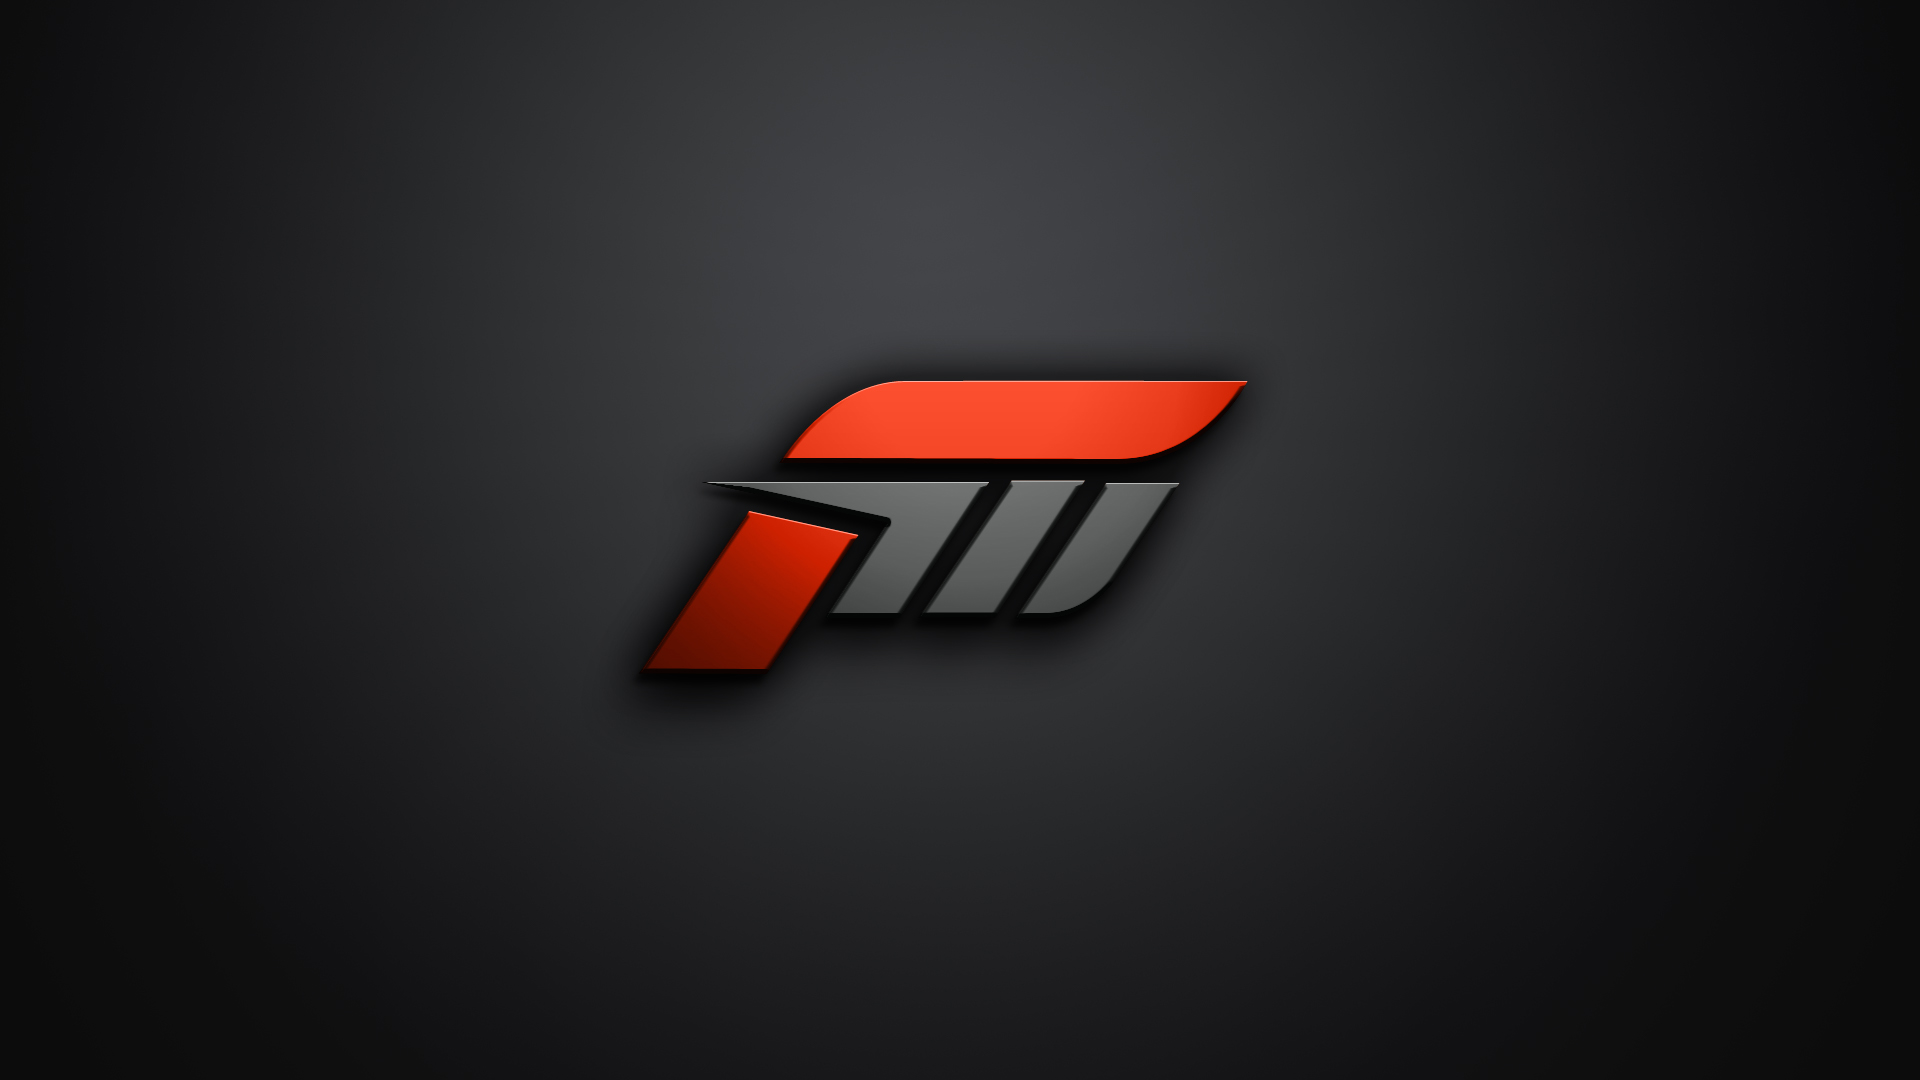 Forza Motorsport Computer Wallpapers Desktop Backgrounds 1920x1080 1920x1080